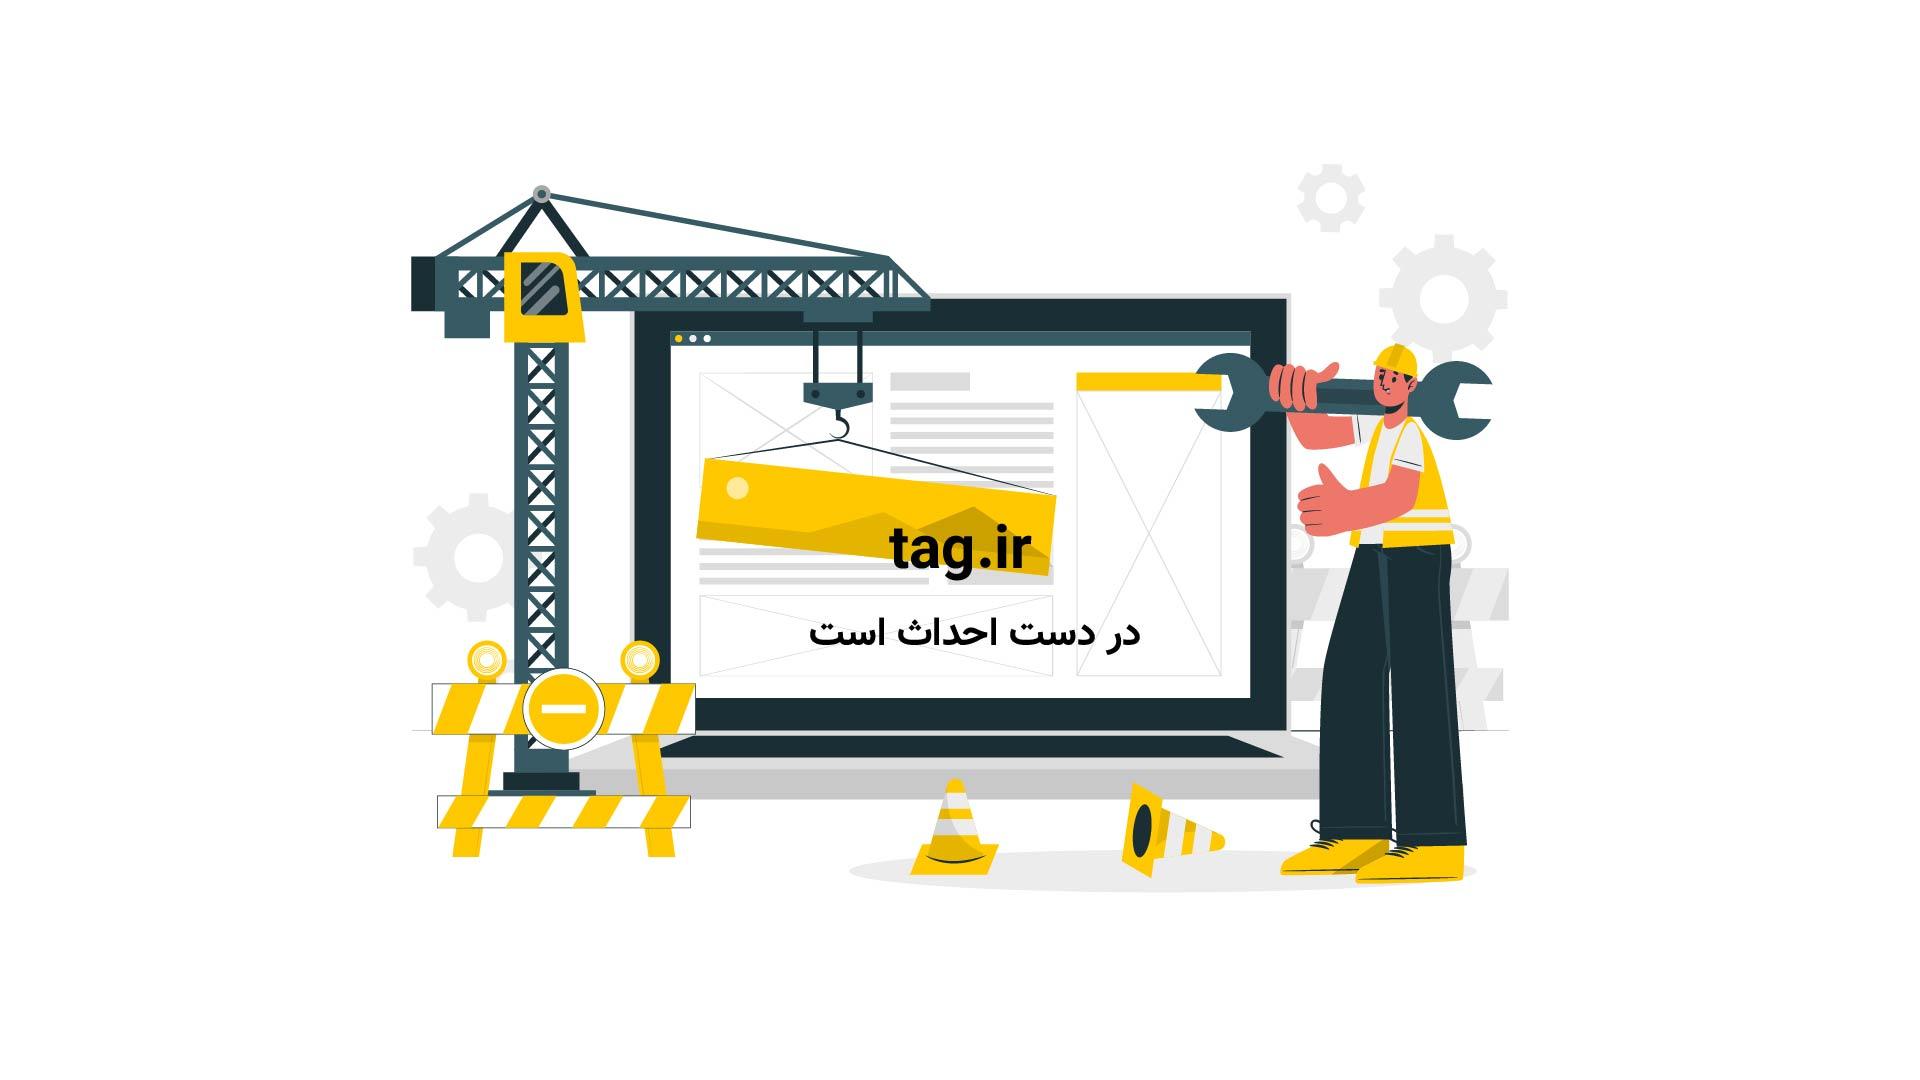 موتورسیکلت برقی با قابلیت تأمین برق یک خانه | فیلم